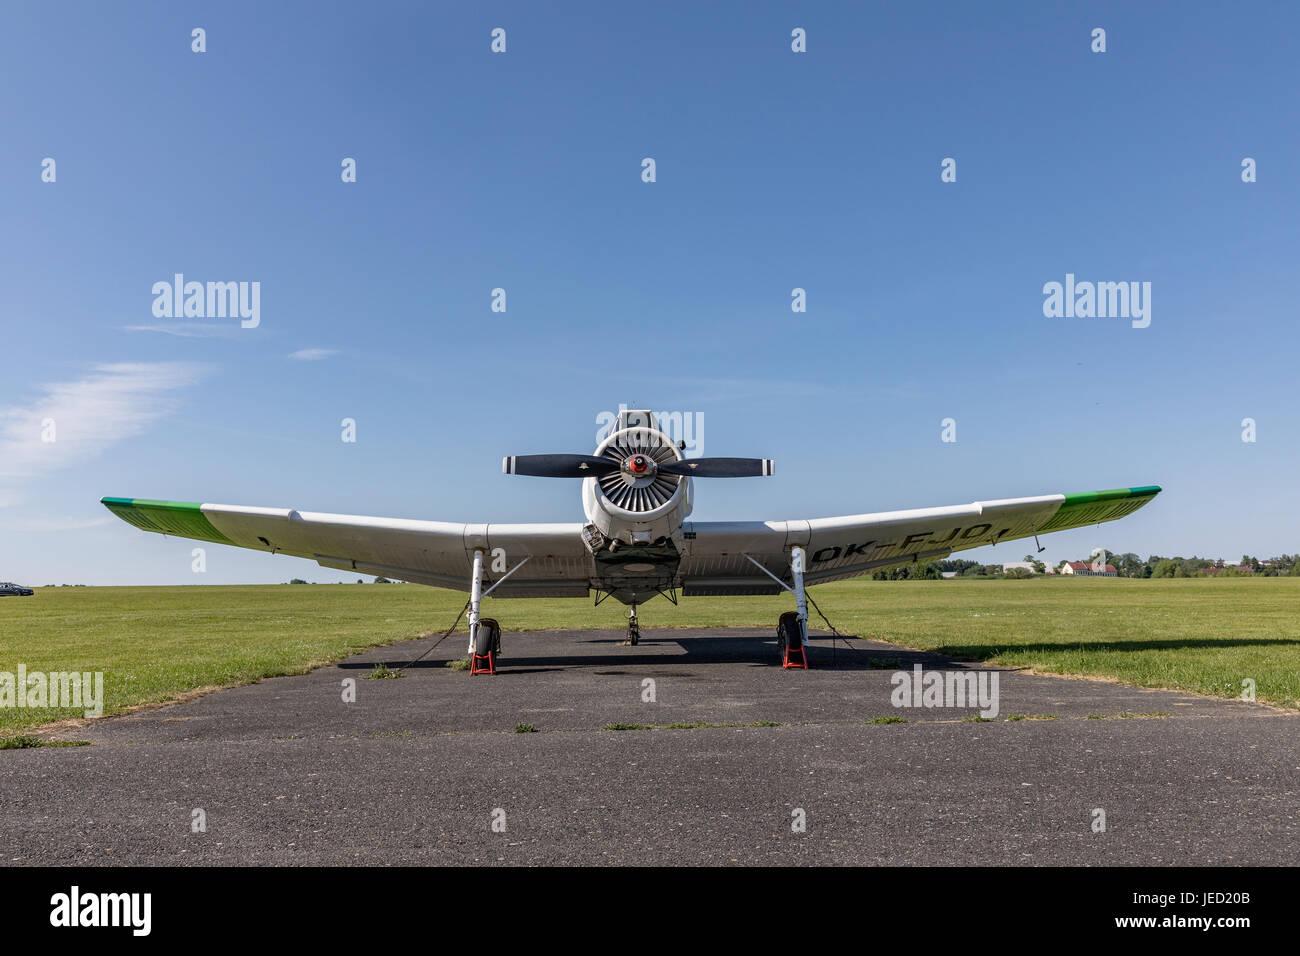 Zbraslavice, Czech Republic - May 29, 2017. Zlin Z-37 Cmelak - Czech agricultural aircraft park on the grassy airport - Stock Image